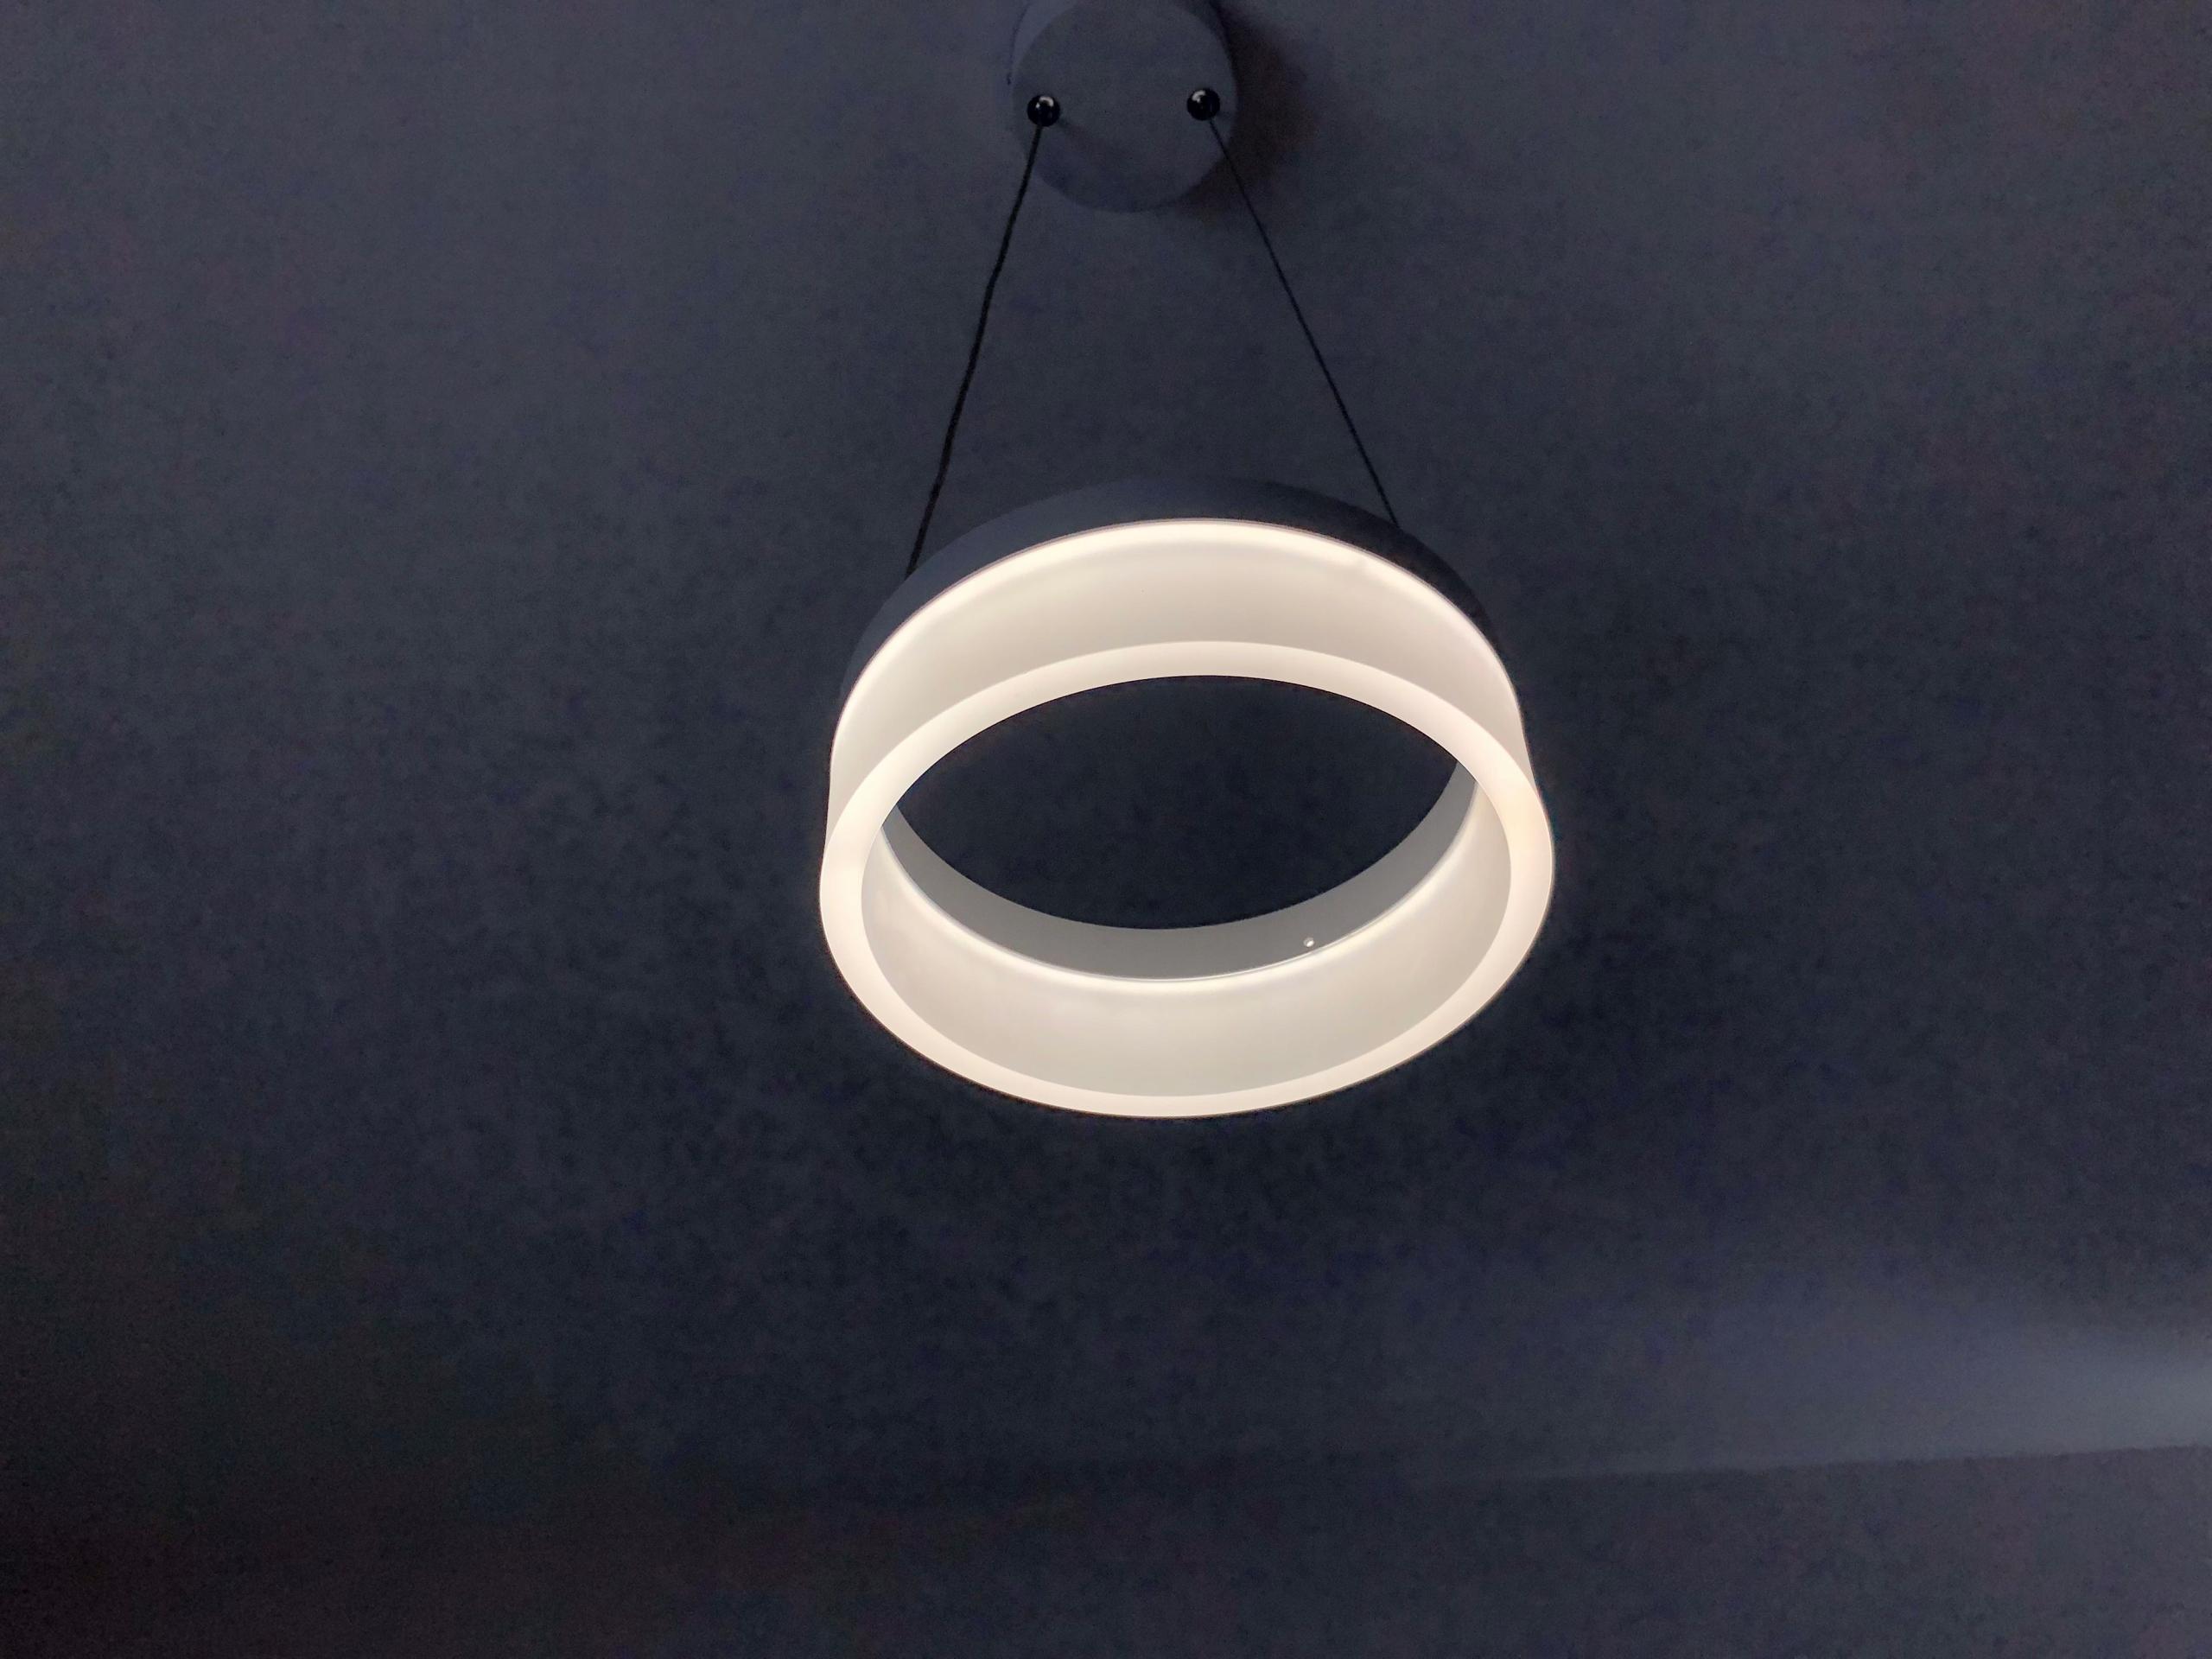 Lampa Wisząca Ring 12 W Led Castorama 149 Zł 7828302742